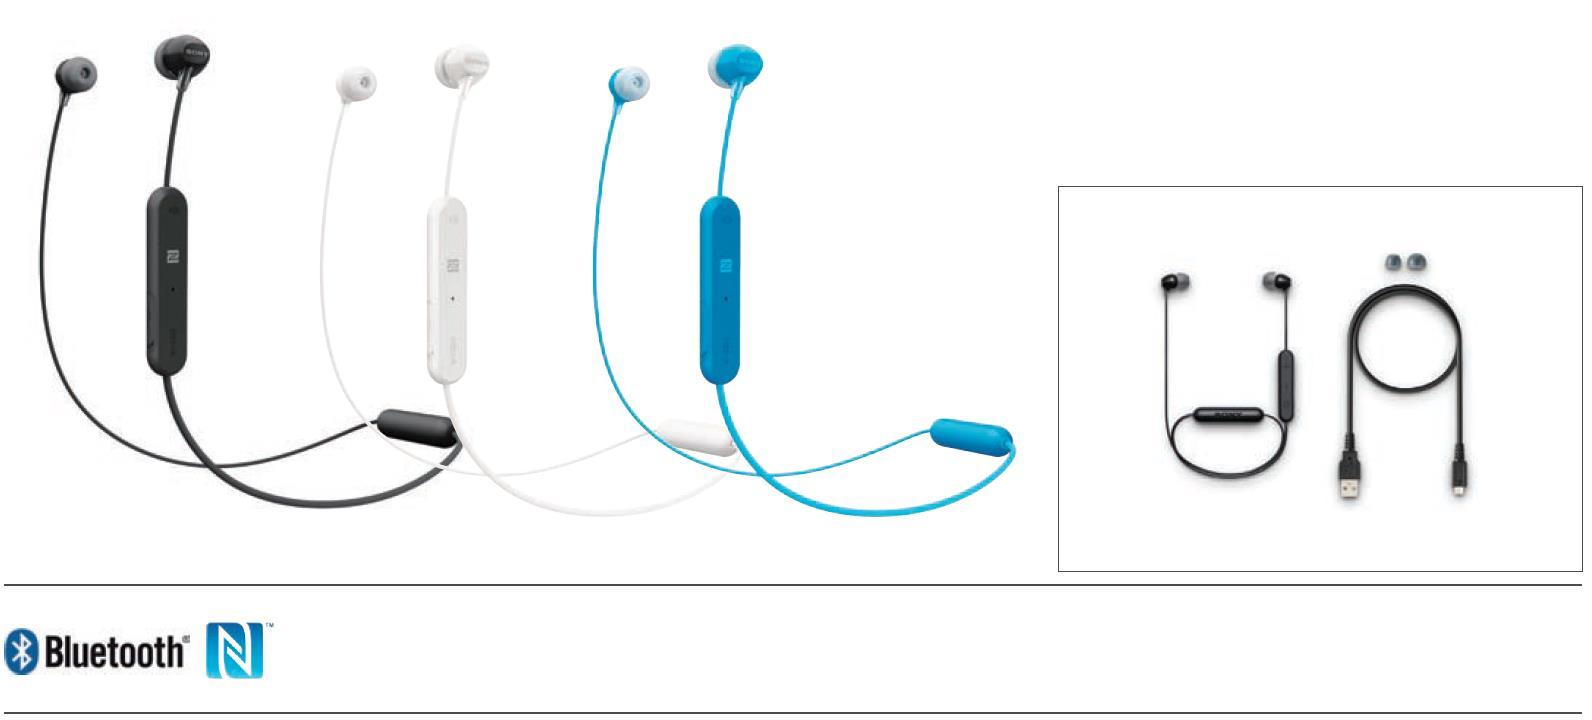 אוזניות Sony WI-C310L Bluetooth סוני - תמונה 5